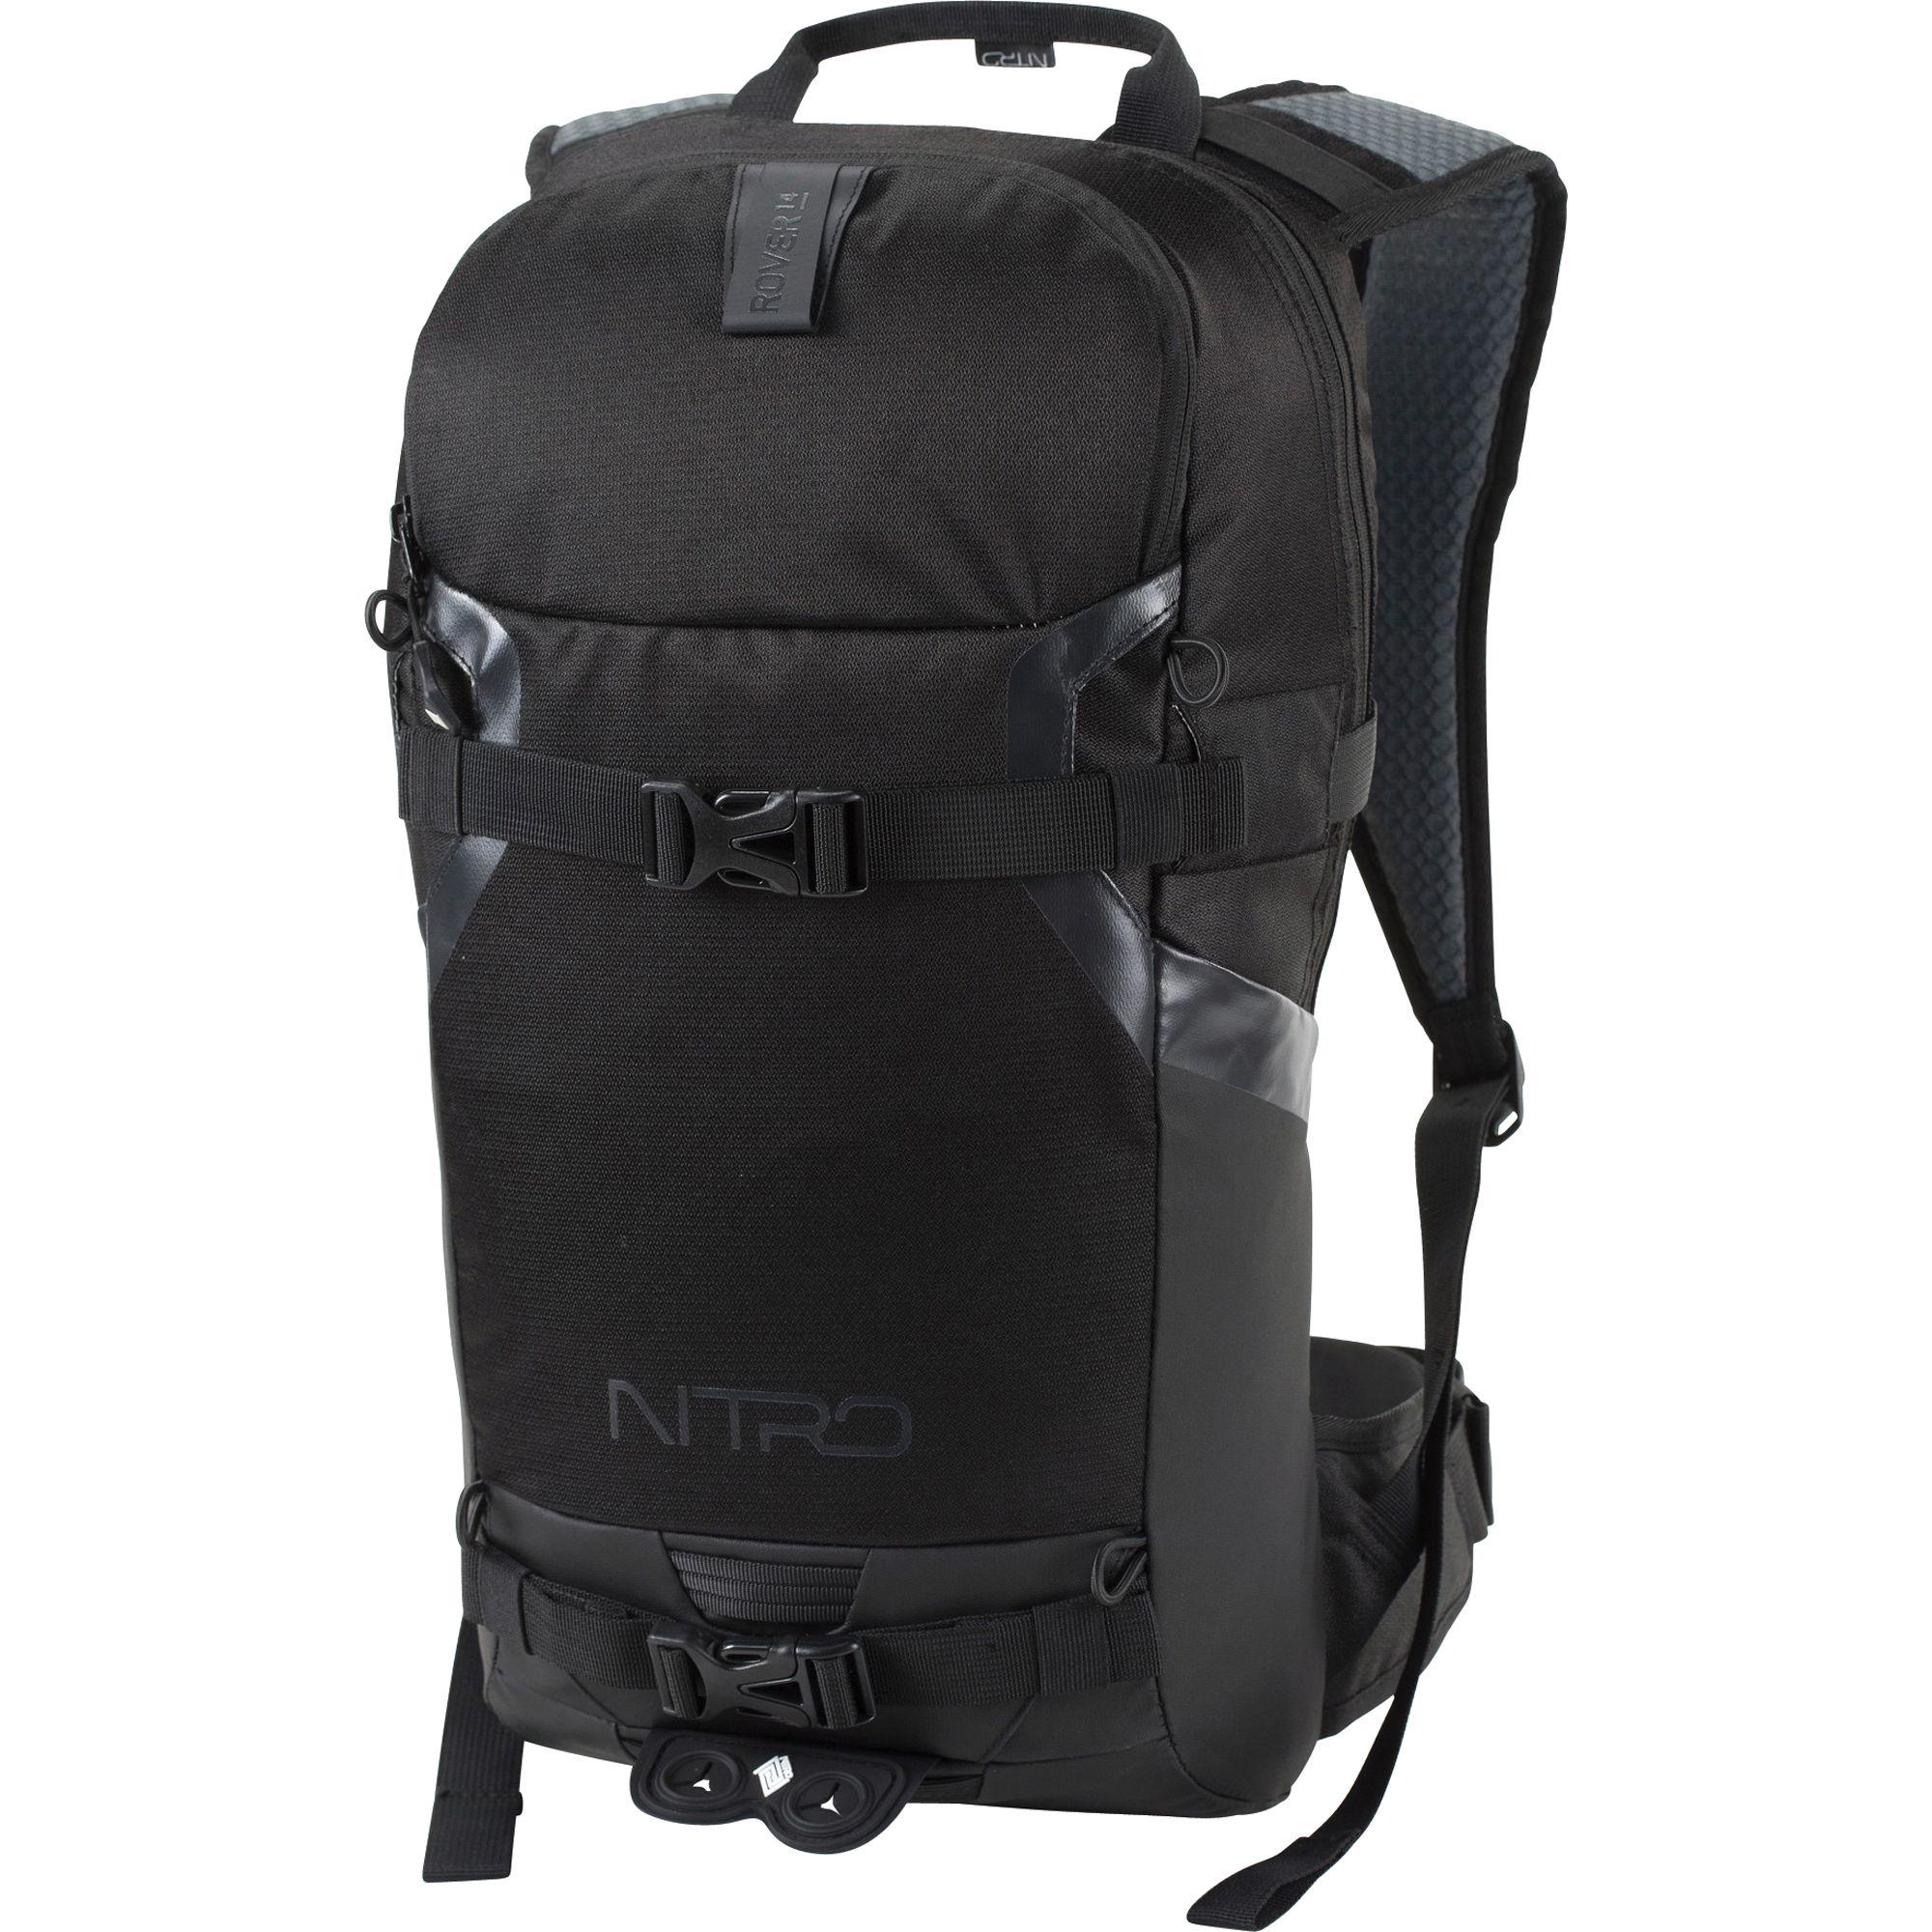 Rucsaci -  nitro Rover 14